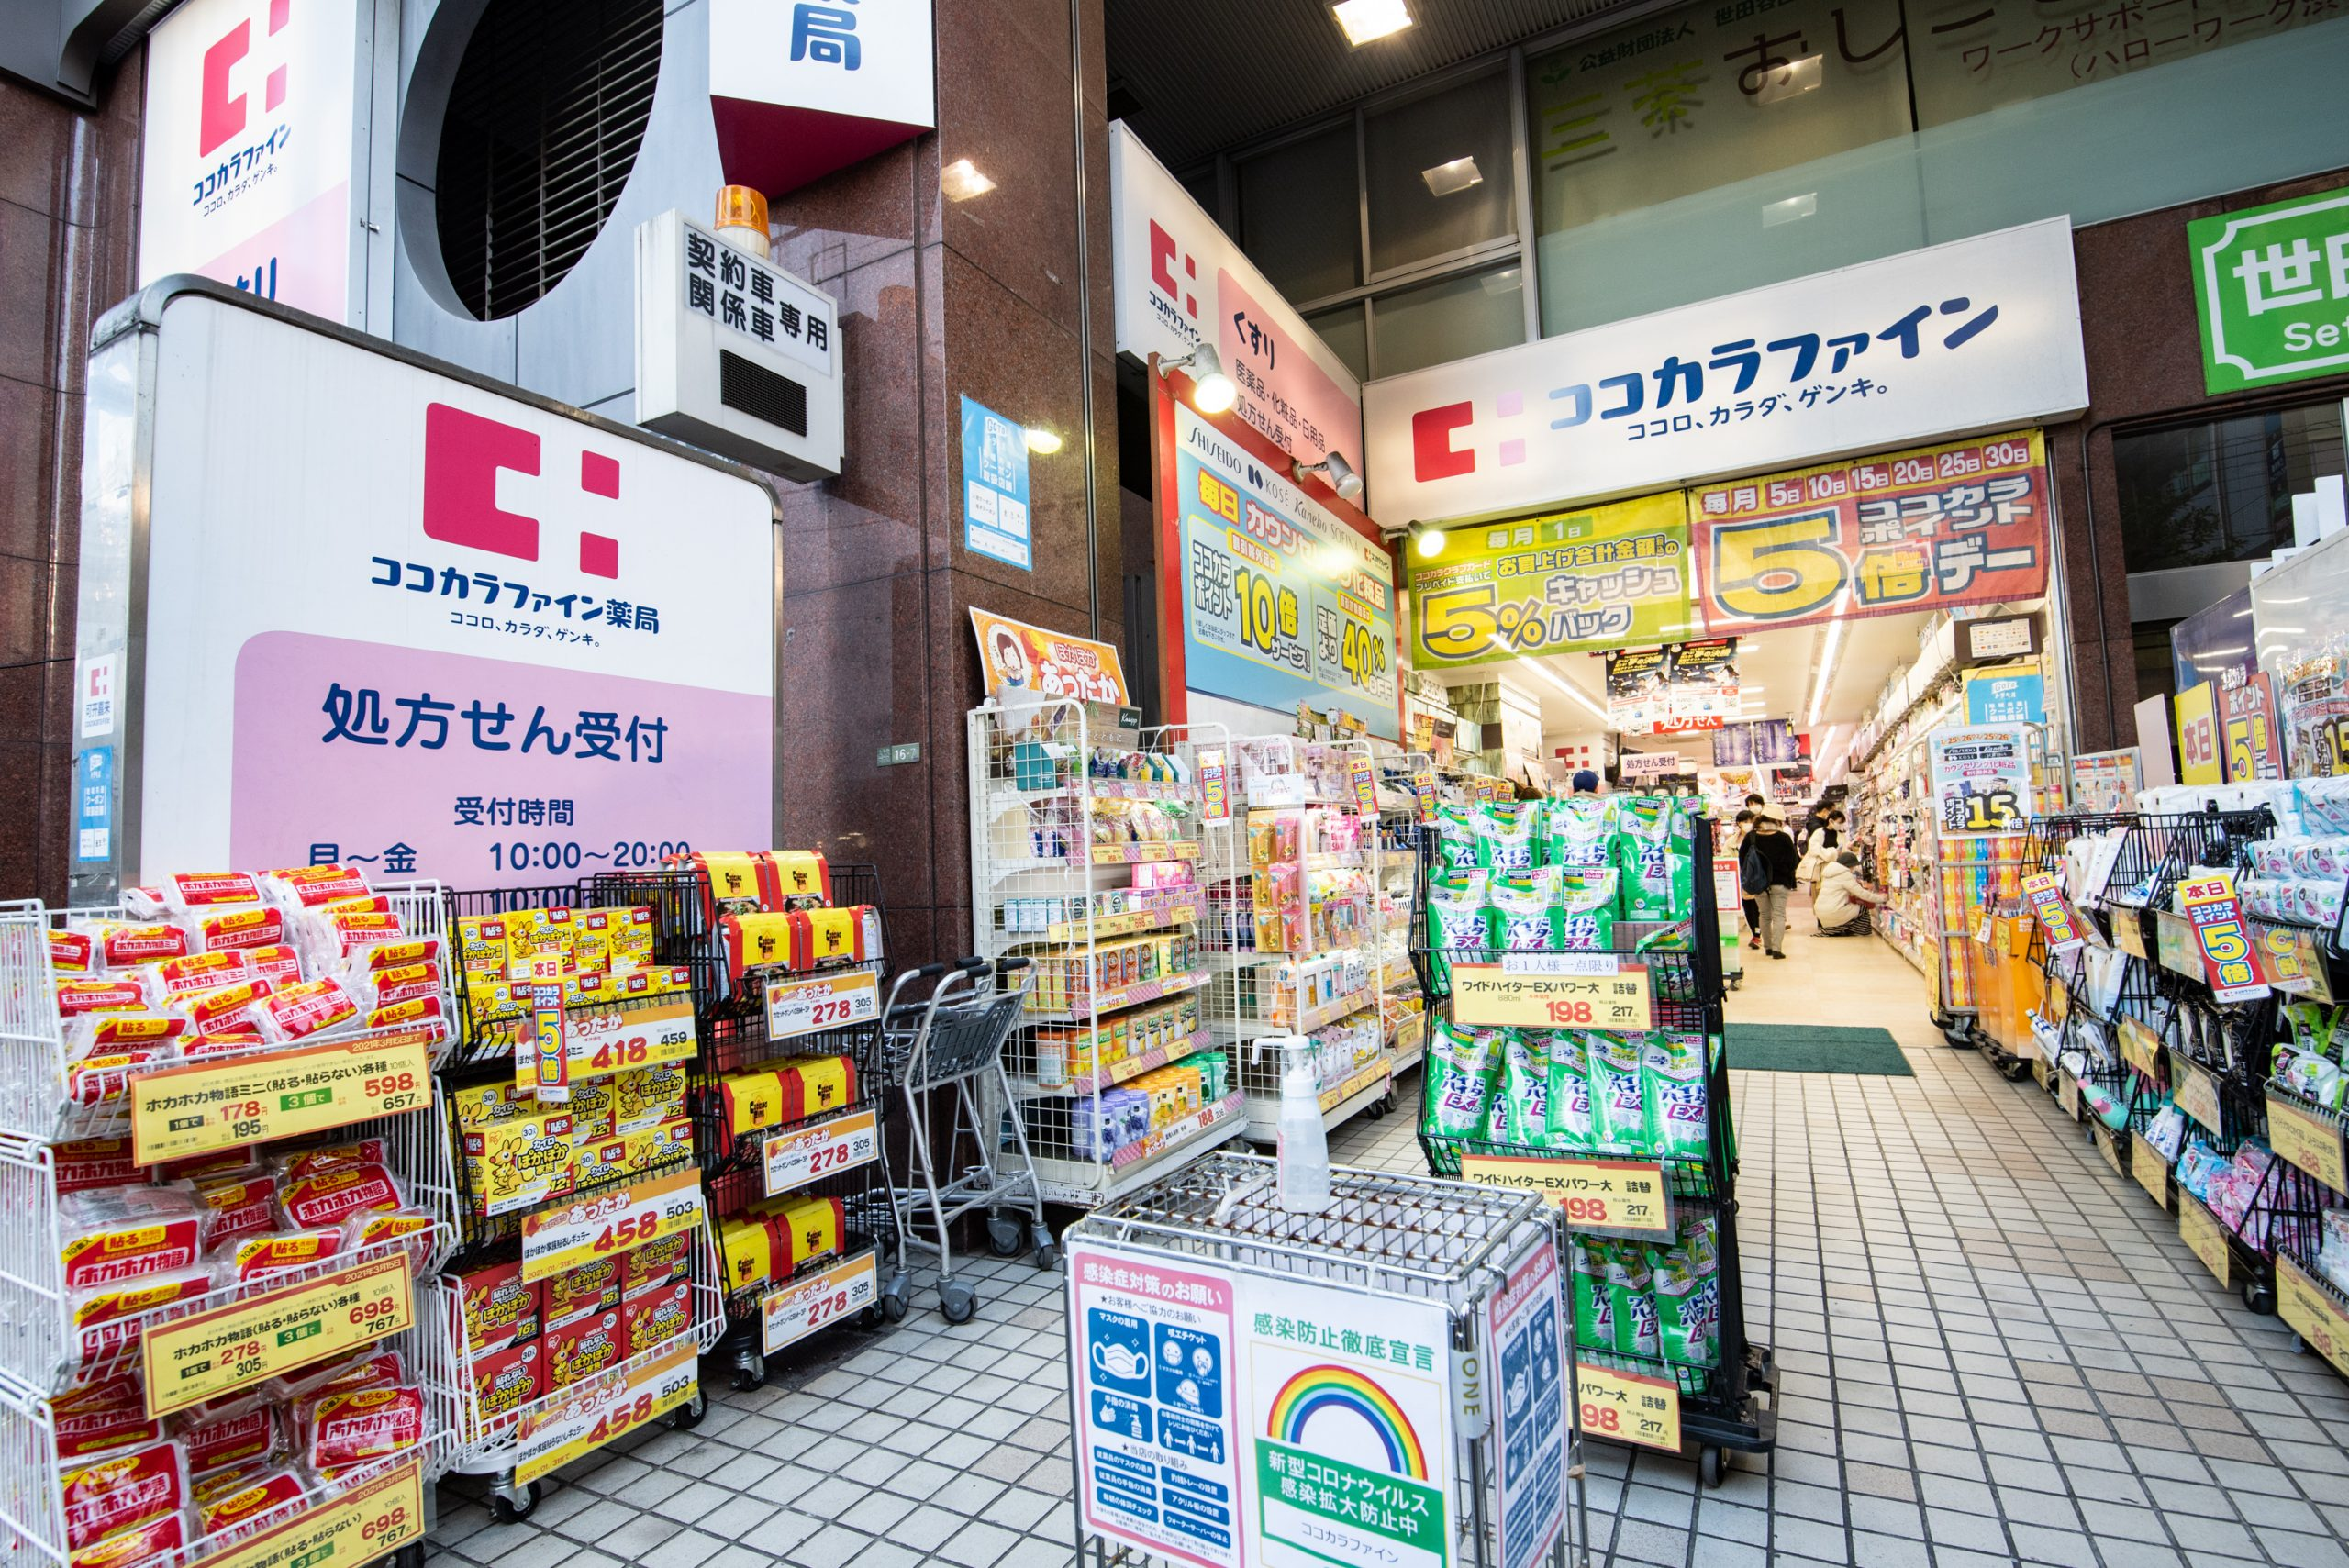 ココカラファイン 茶沢通り店